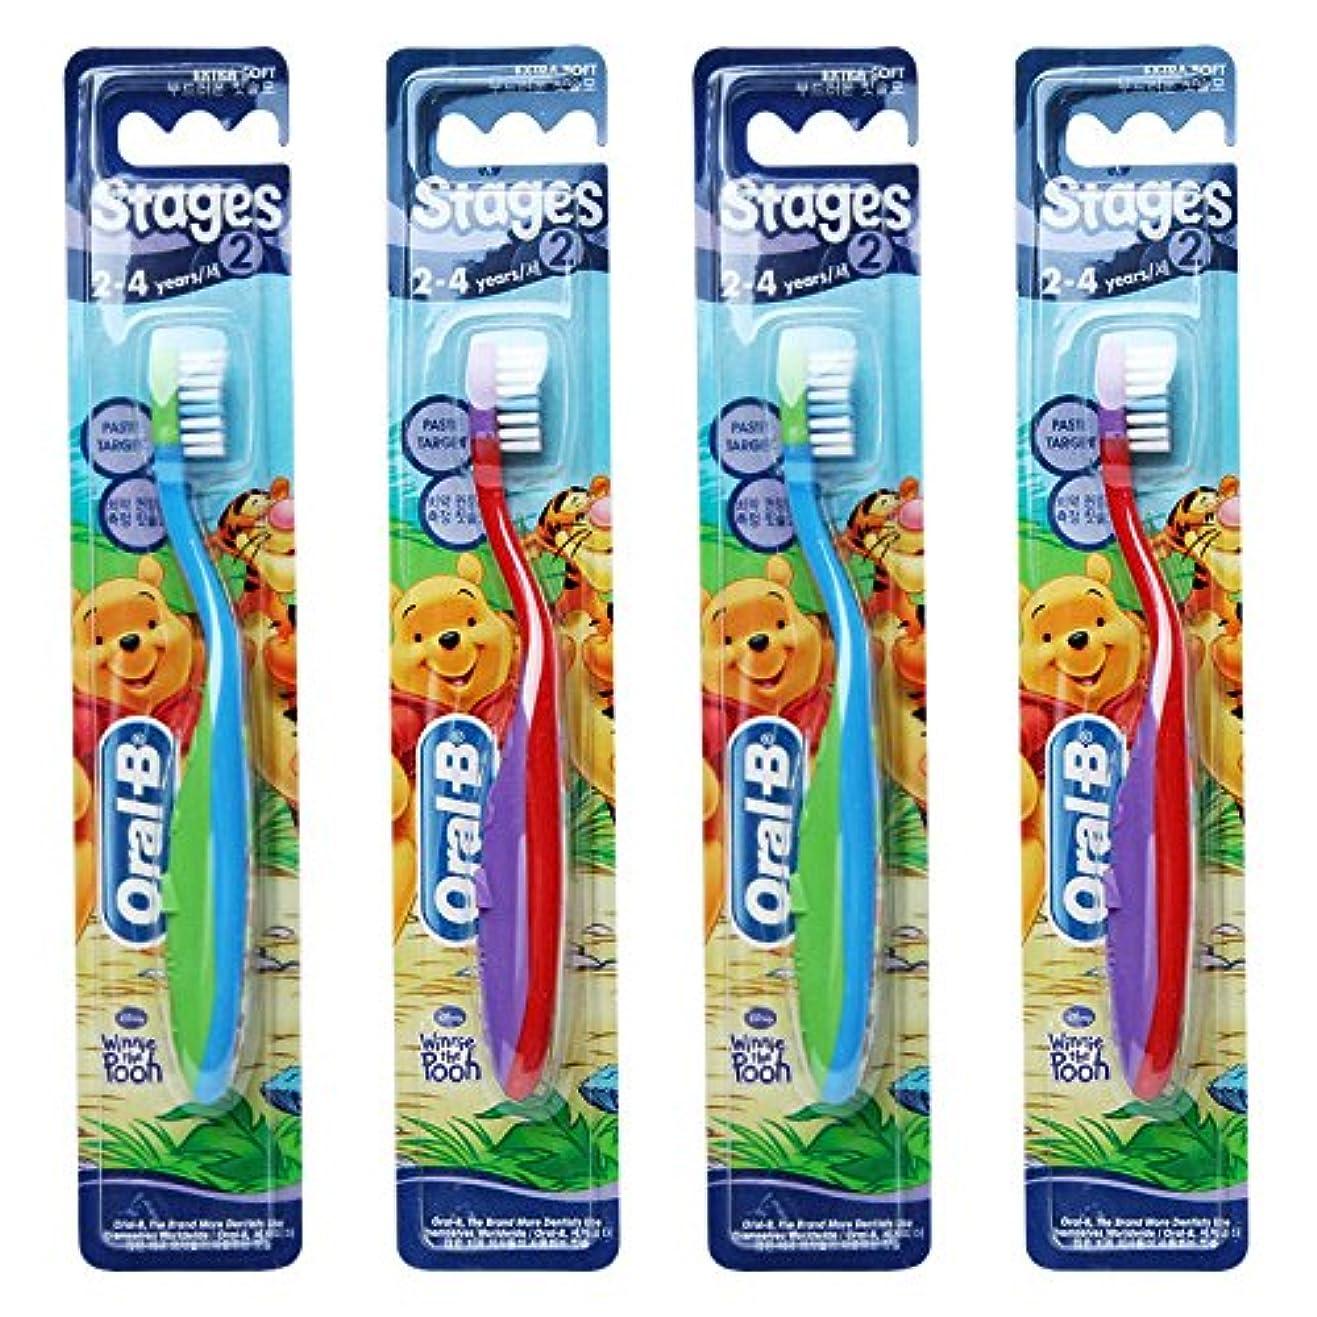 ぬれたオズワルド料理をするOral-B Stages 2 Toothbrush 2 - 4 years 4 Pack /GENUINEと元の梱包 [並行輸入品]